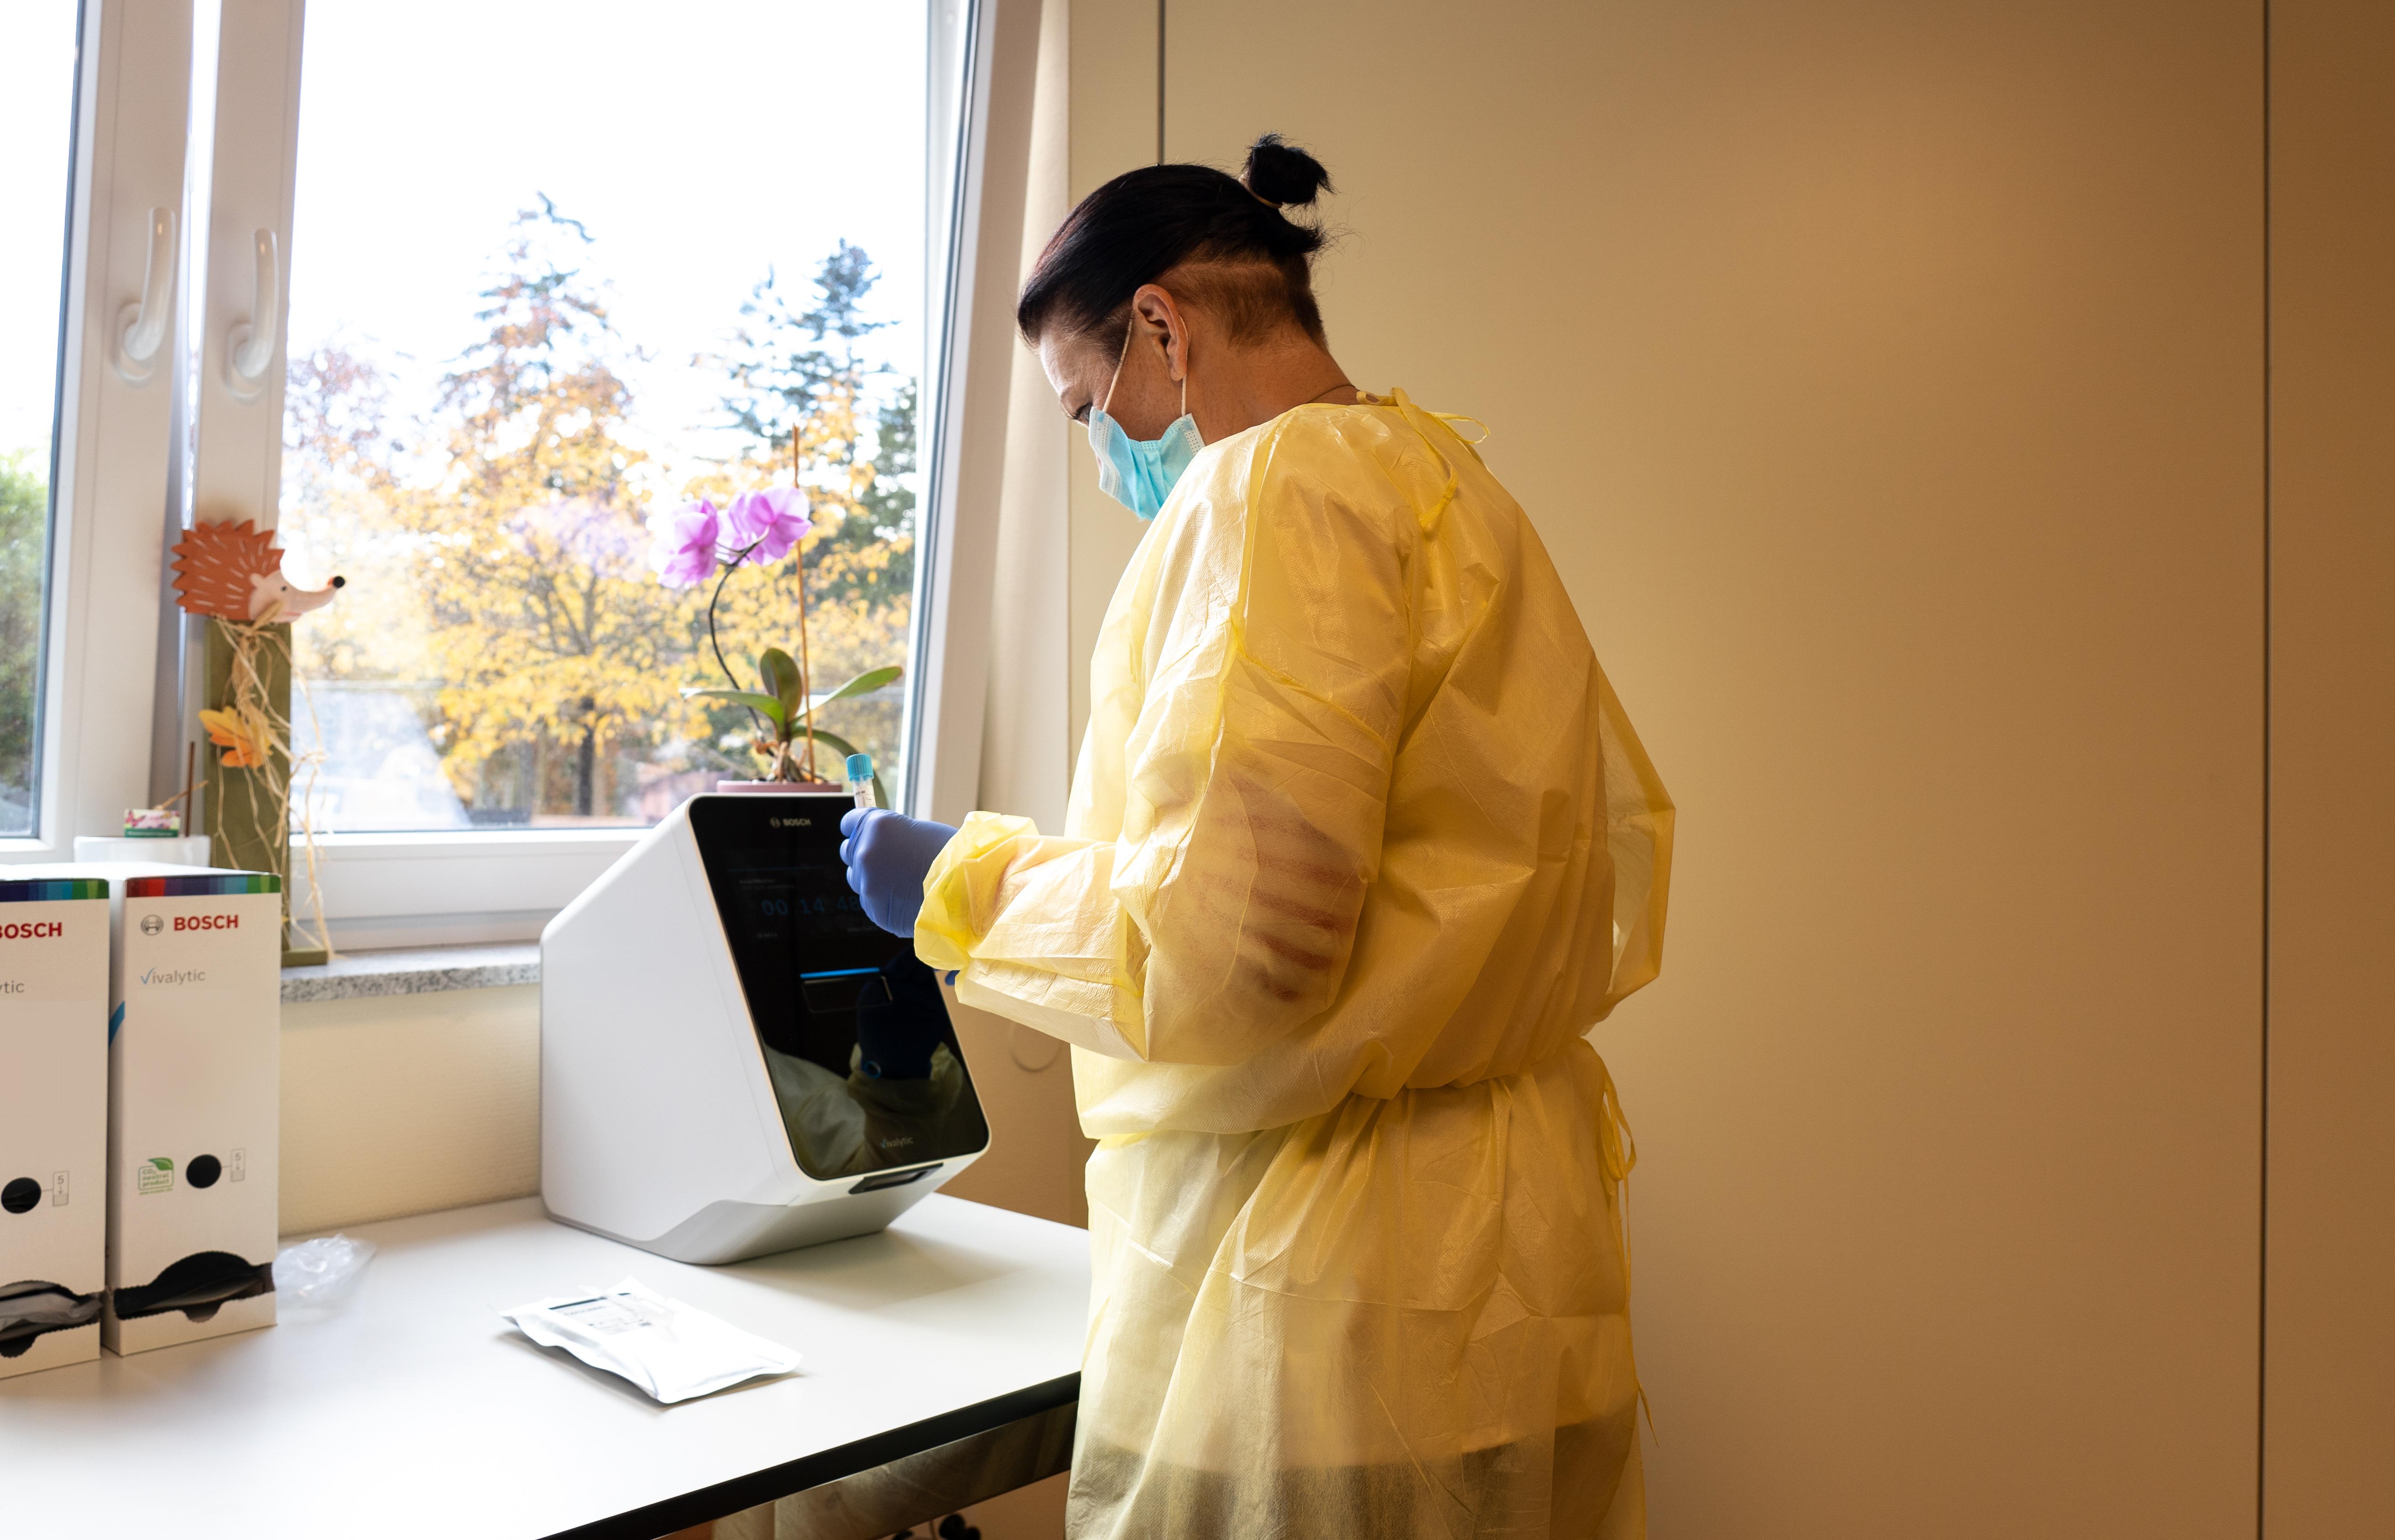 Vyhodnotenie vzorky s Bosch Vivalytic v opatrovateľskom dome